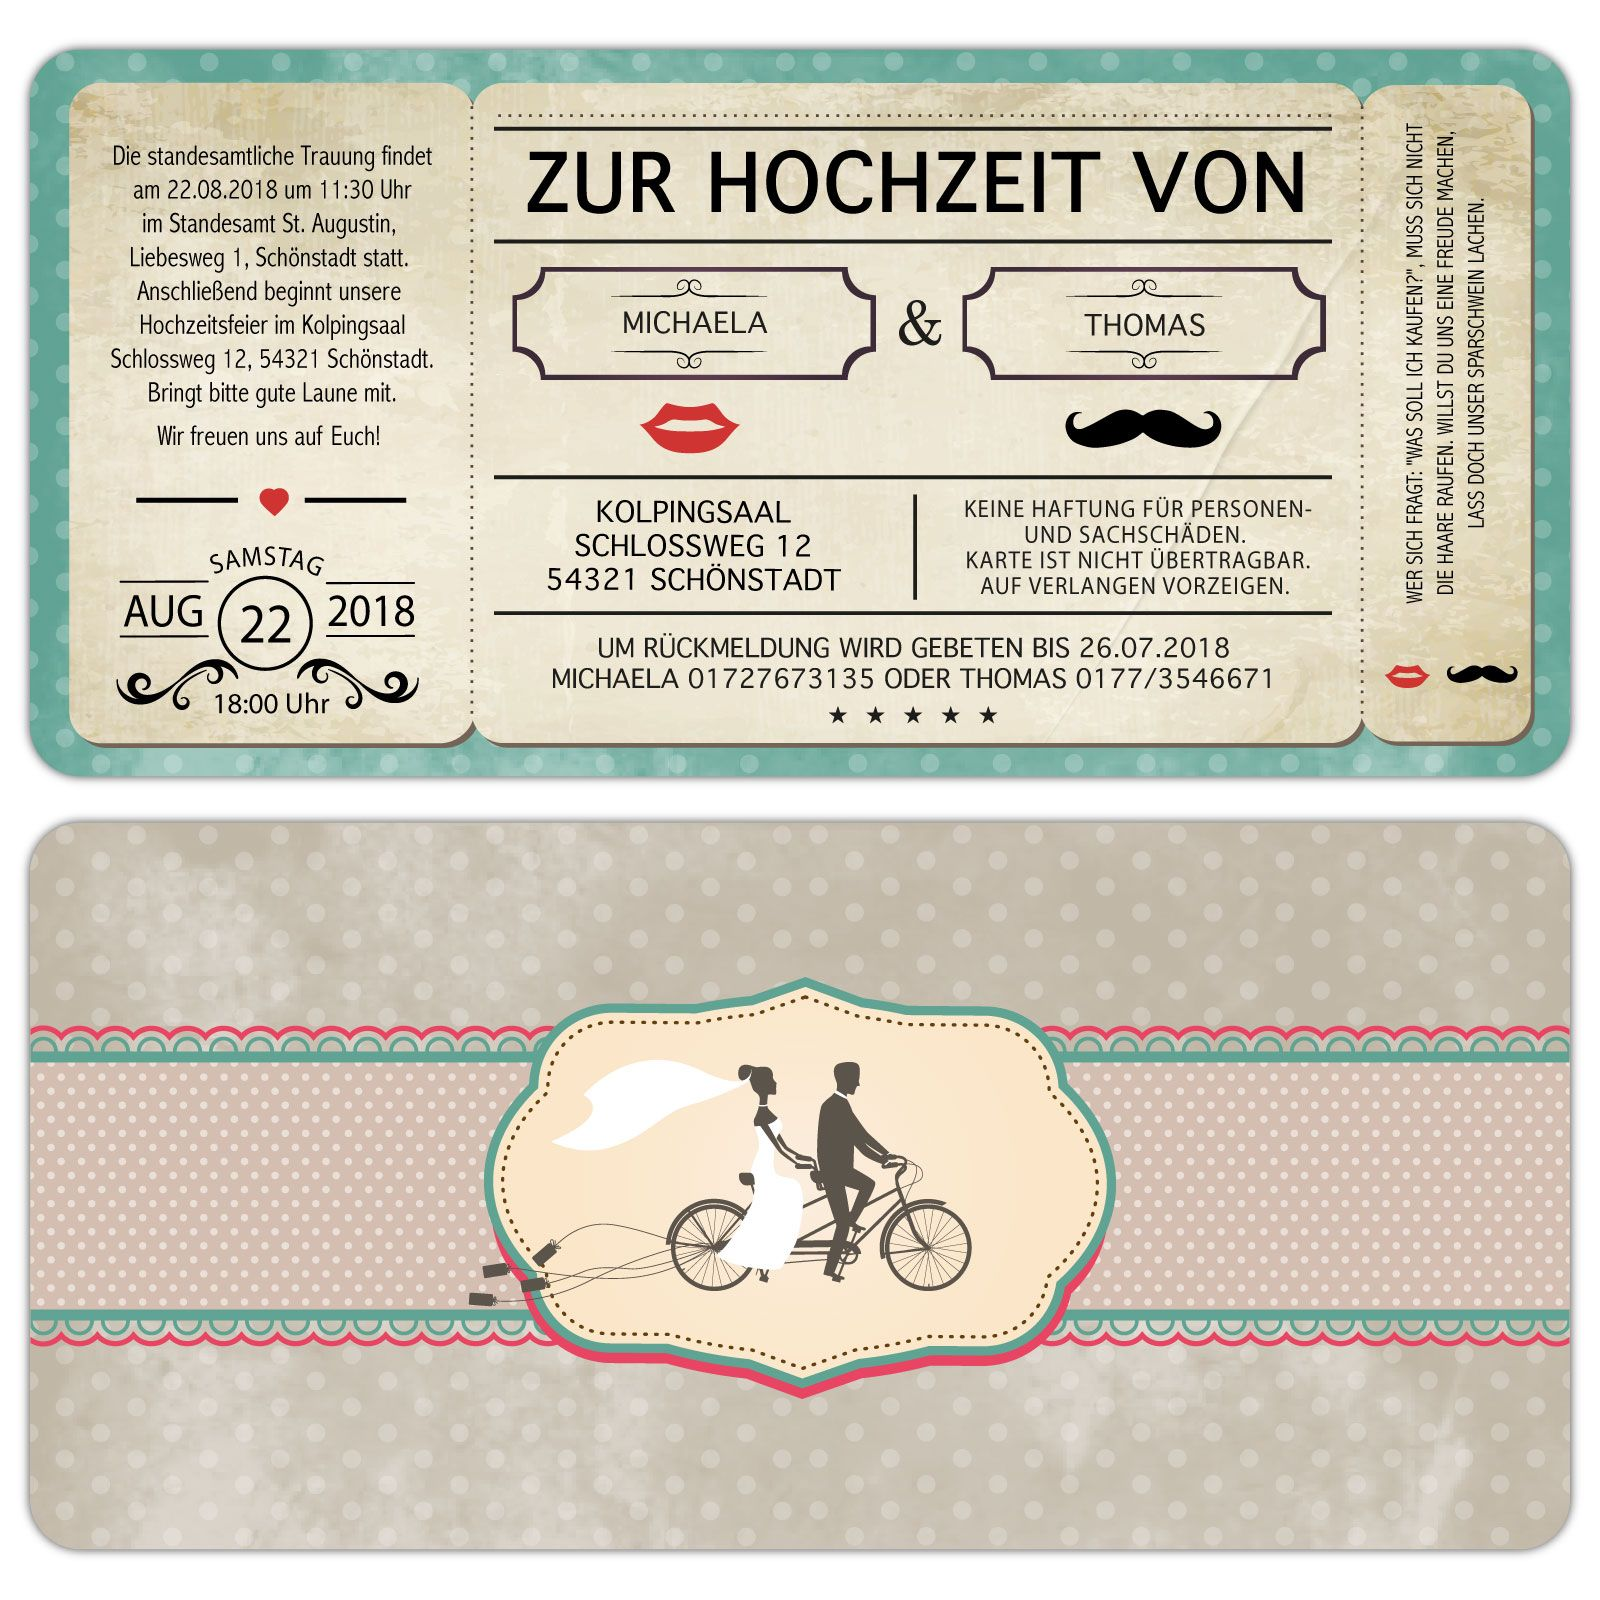 Einladungskarten Zur Hochzeit Im Retro Stil Mit Abriss    Kartenparadies Koeln.de